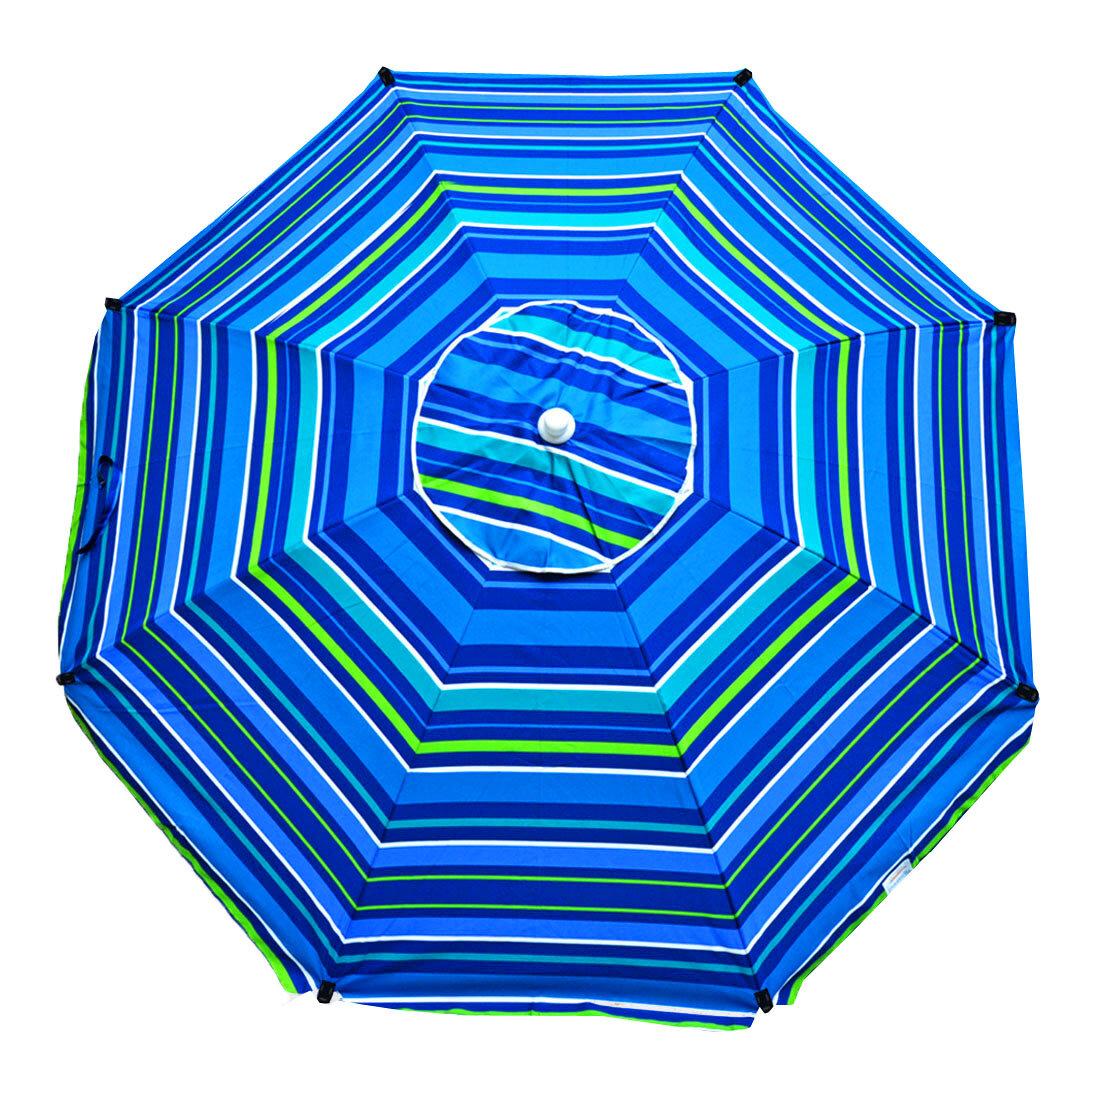 661f87bb1193 Schroeder Heavy Duty 8' Beach Umbrella